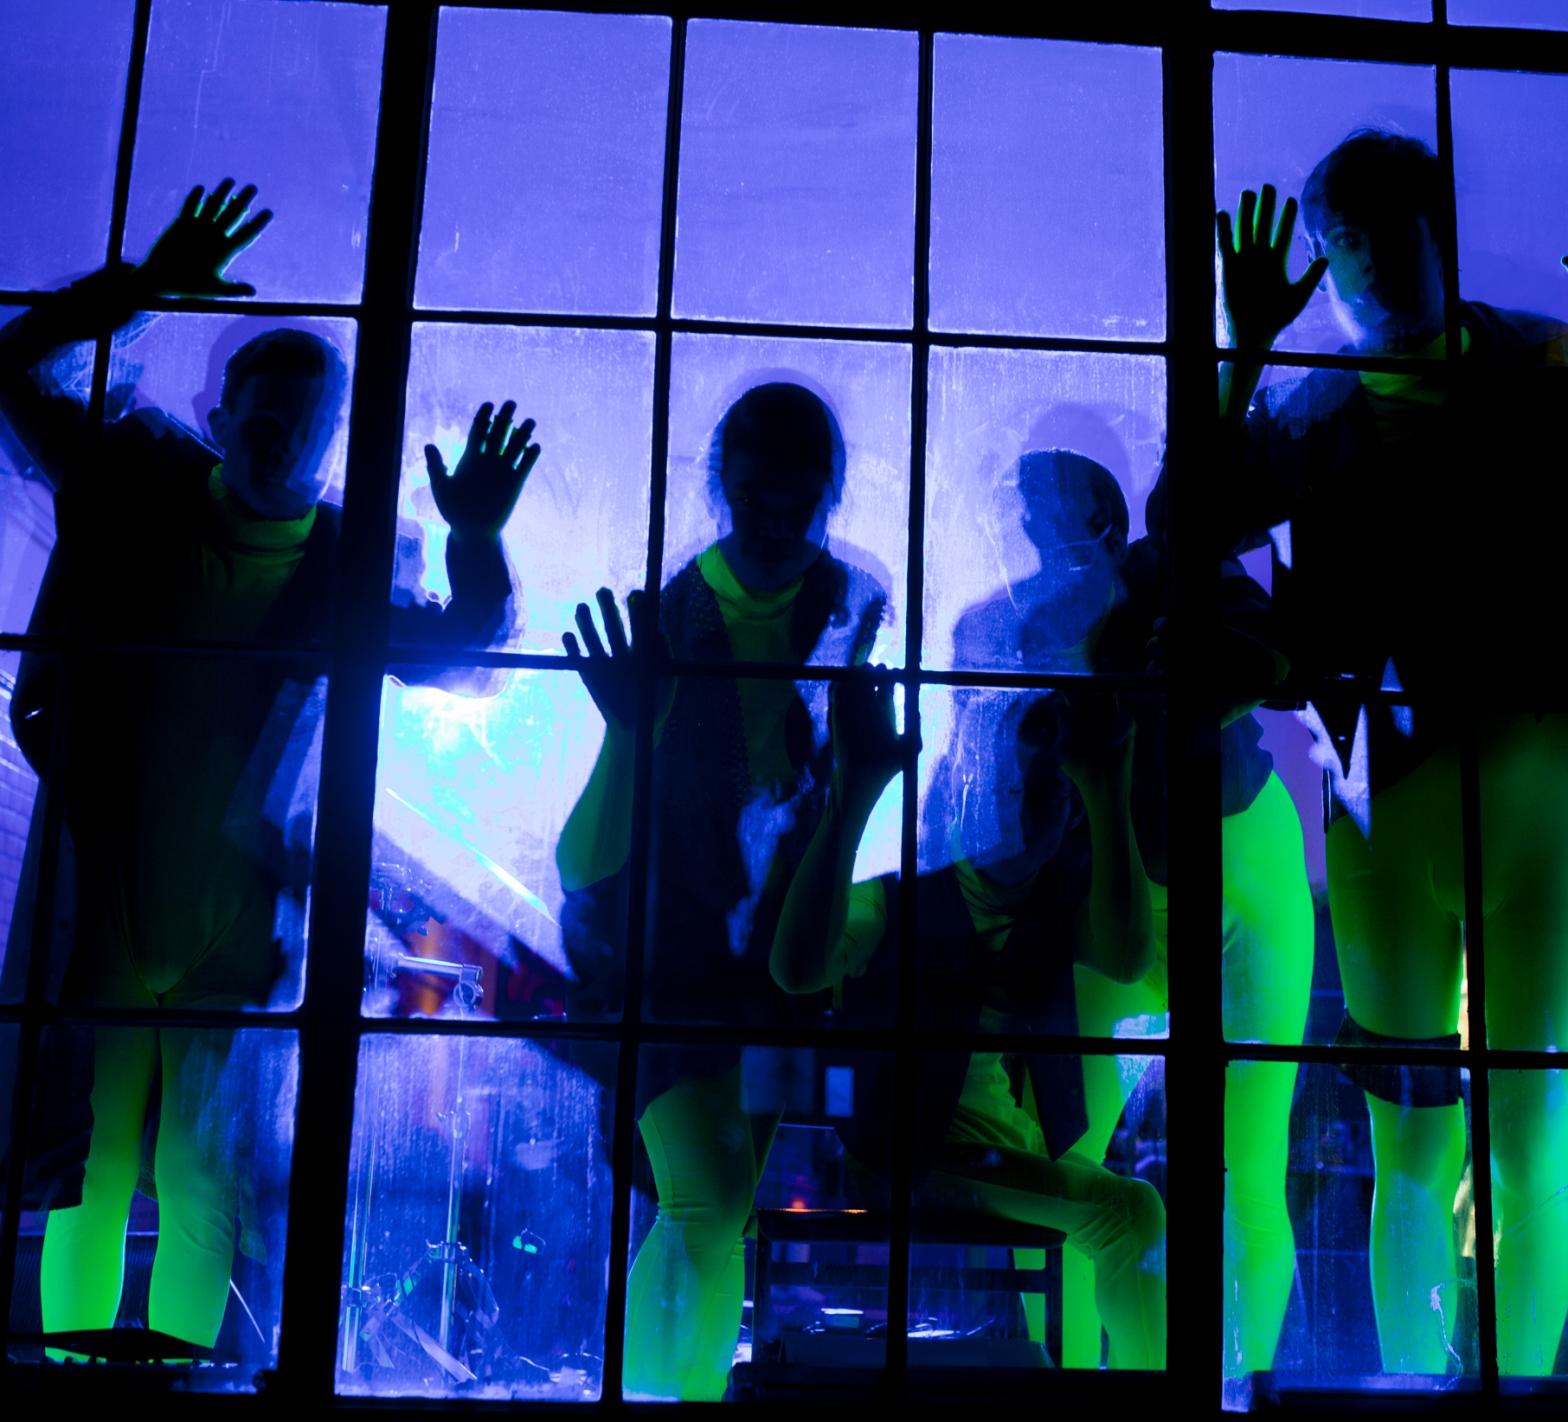 Fünf Menschen als Schatten hinter einer blau erleuchteten Scheibe mit gelben Neoneffekten